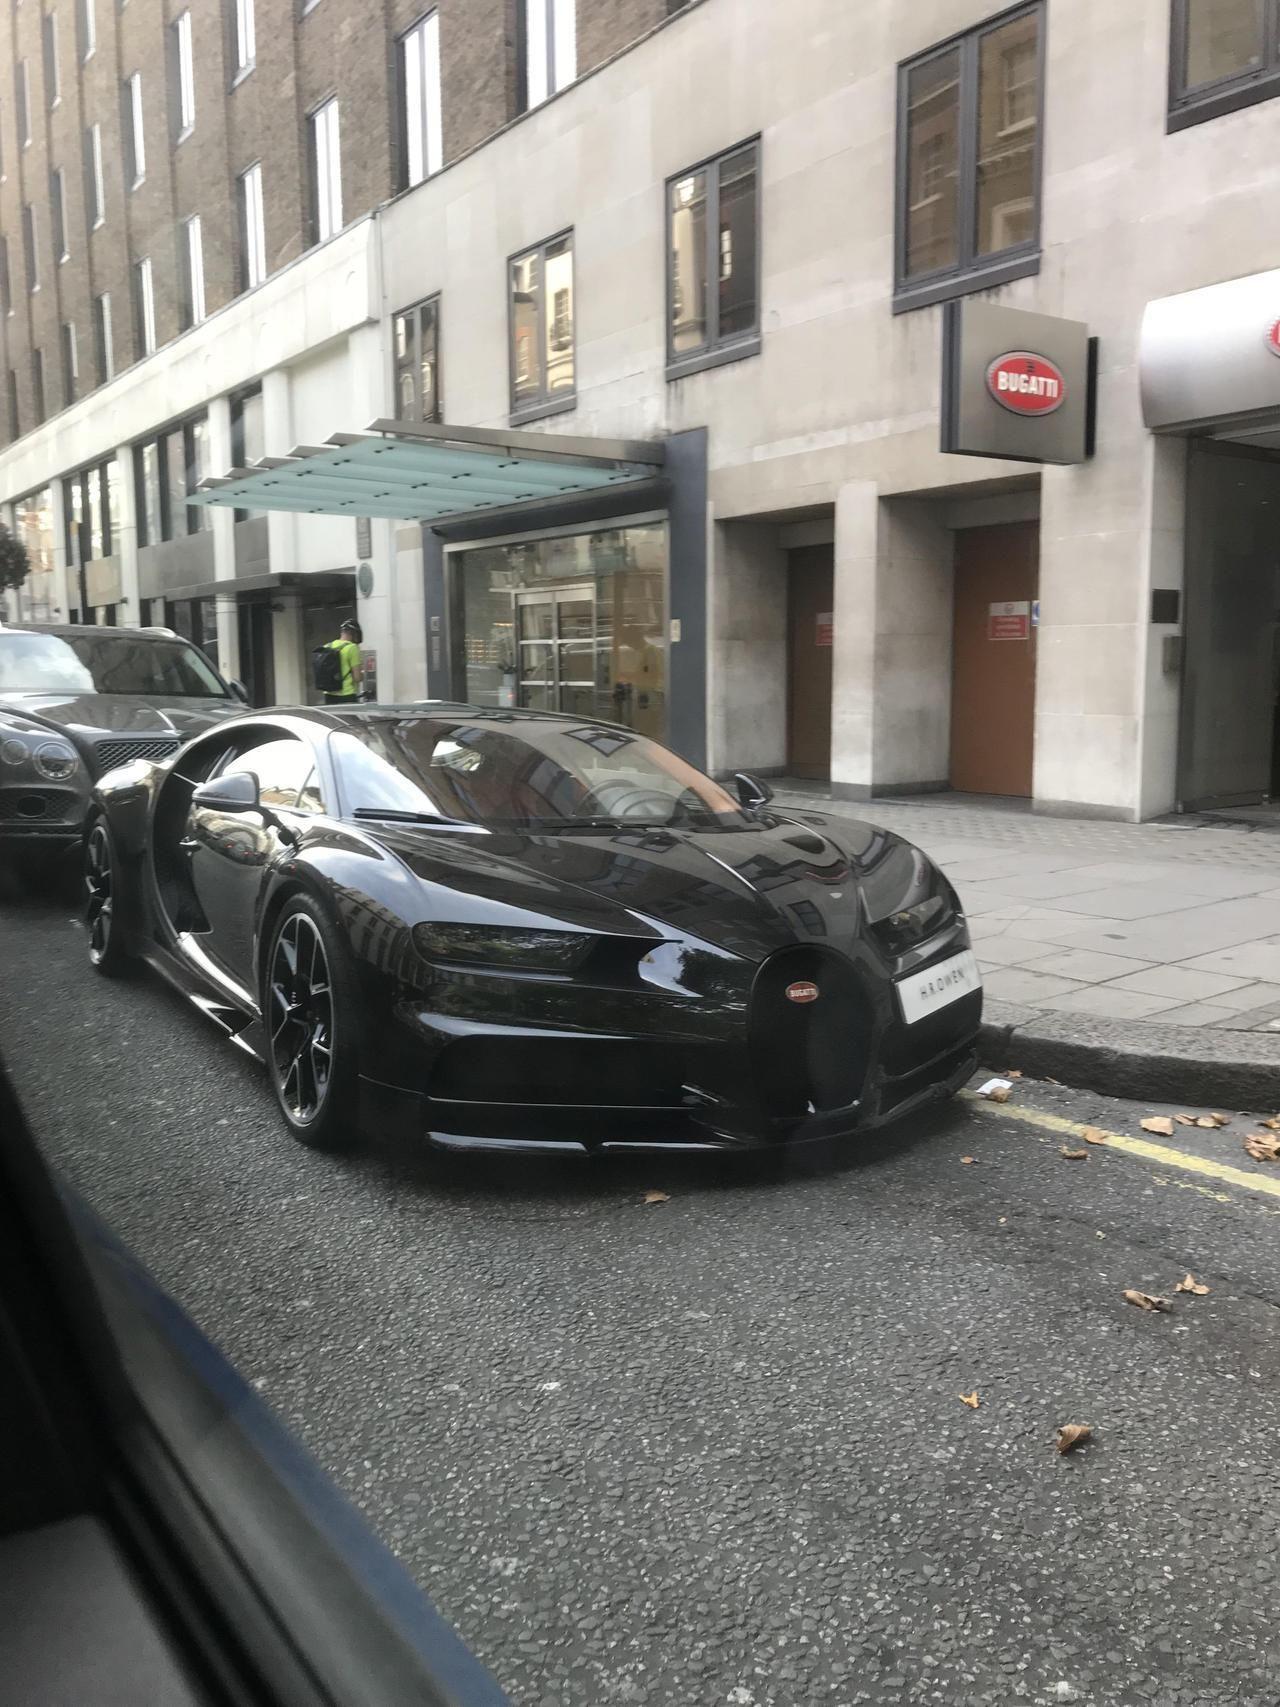 Bugatti Chiron Today In London Via Reddit Bugatti Chiron Bugatti Bugatti Cars